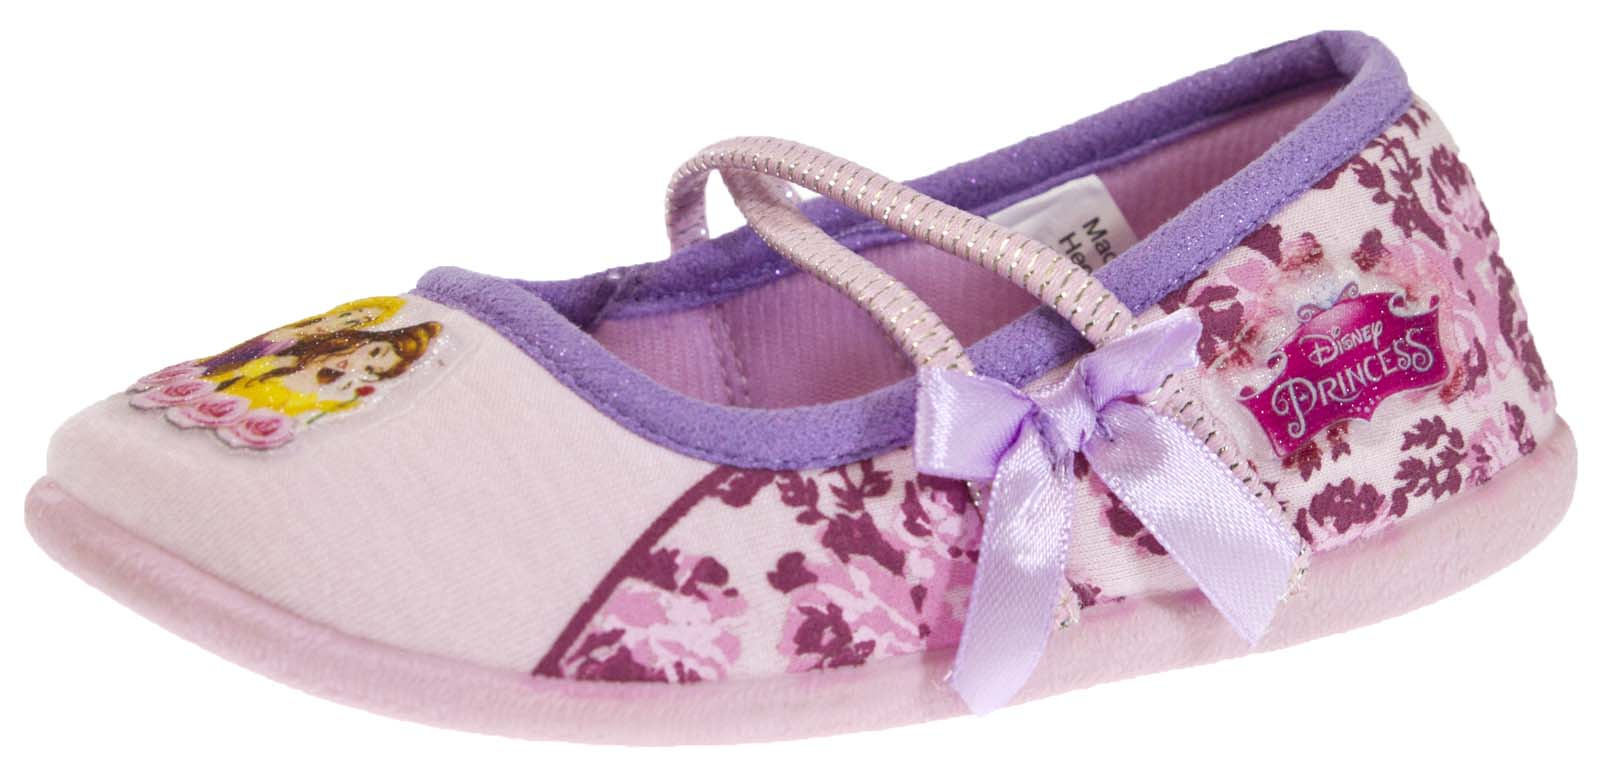 Chicas Disney Princesa Pantuflas Zapatos Botines mulas Belle personaje de Cenicienta